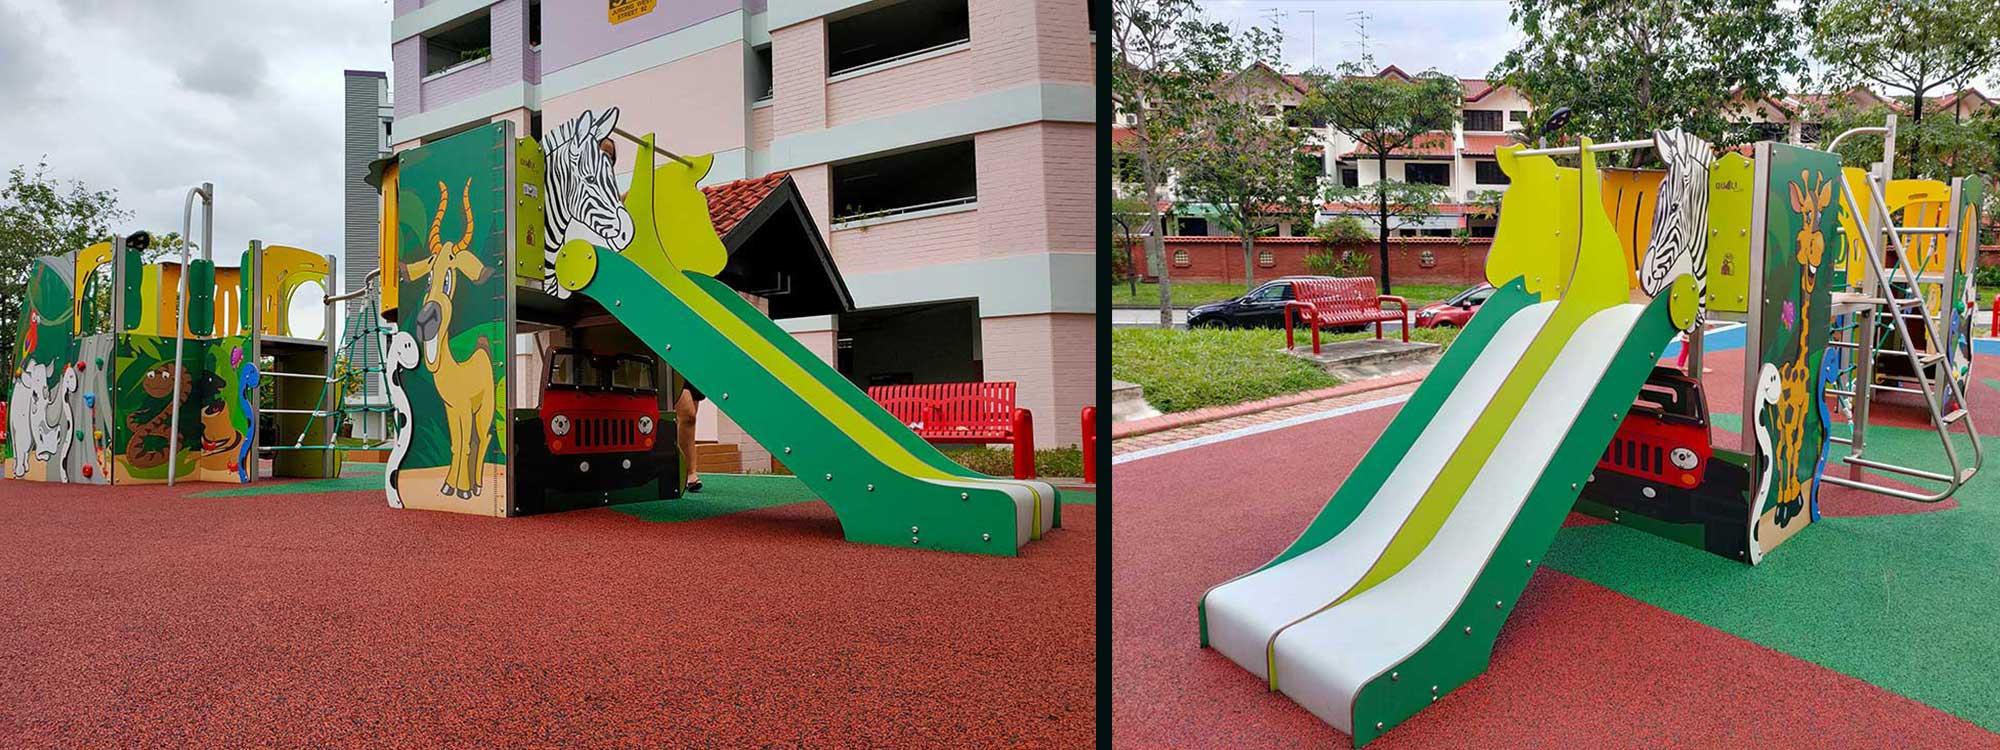 Jeux extérieurs sur-mesure au design innovant